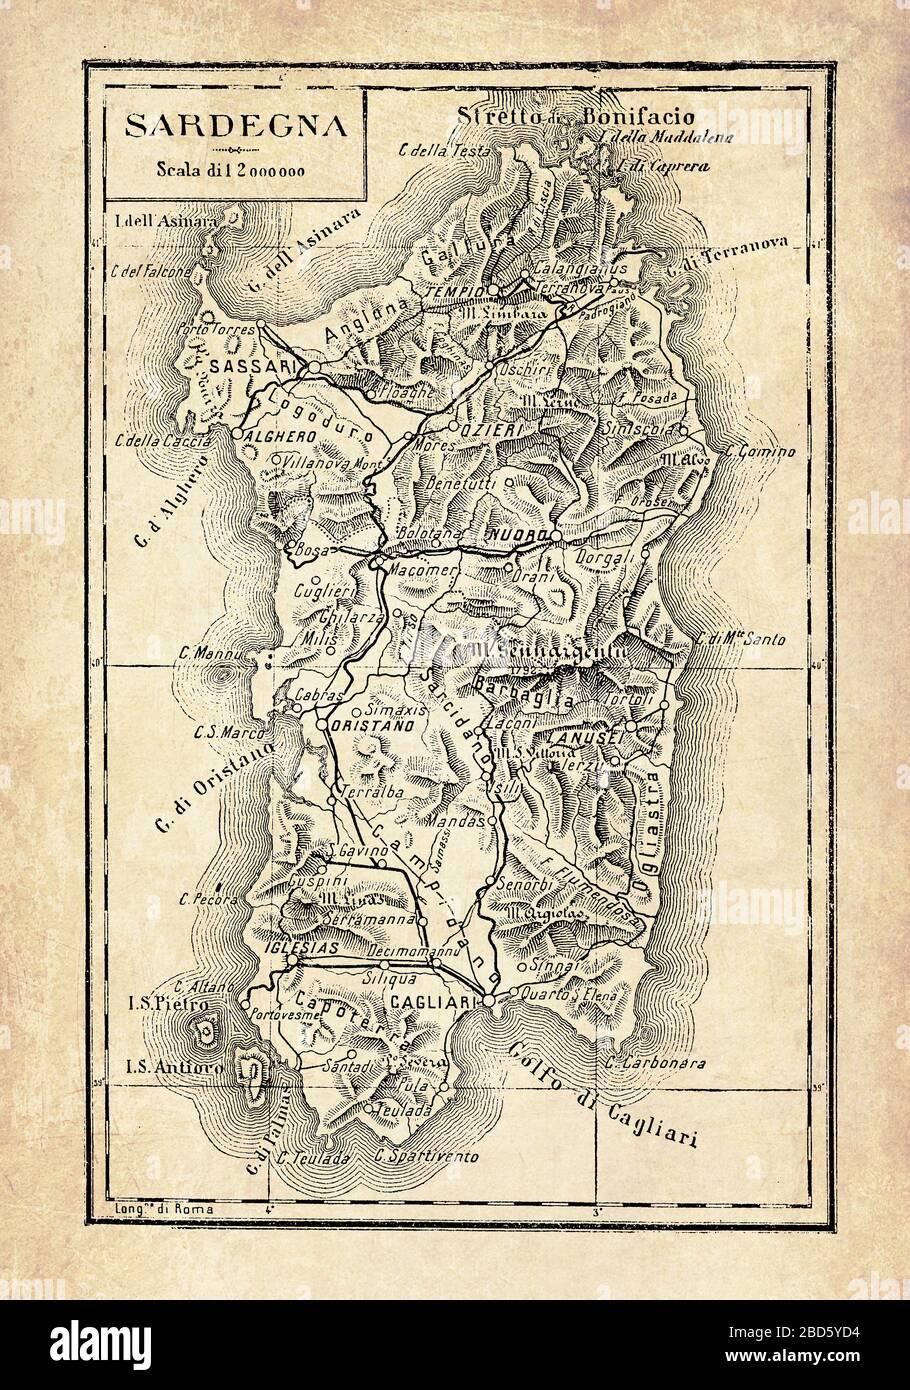 Cartina Antica Sardegna.Vecchia Mappa Della Sardegna Immagini E Fotos Stock Alamy